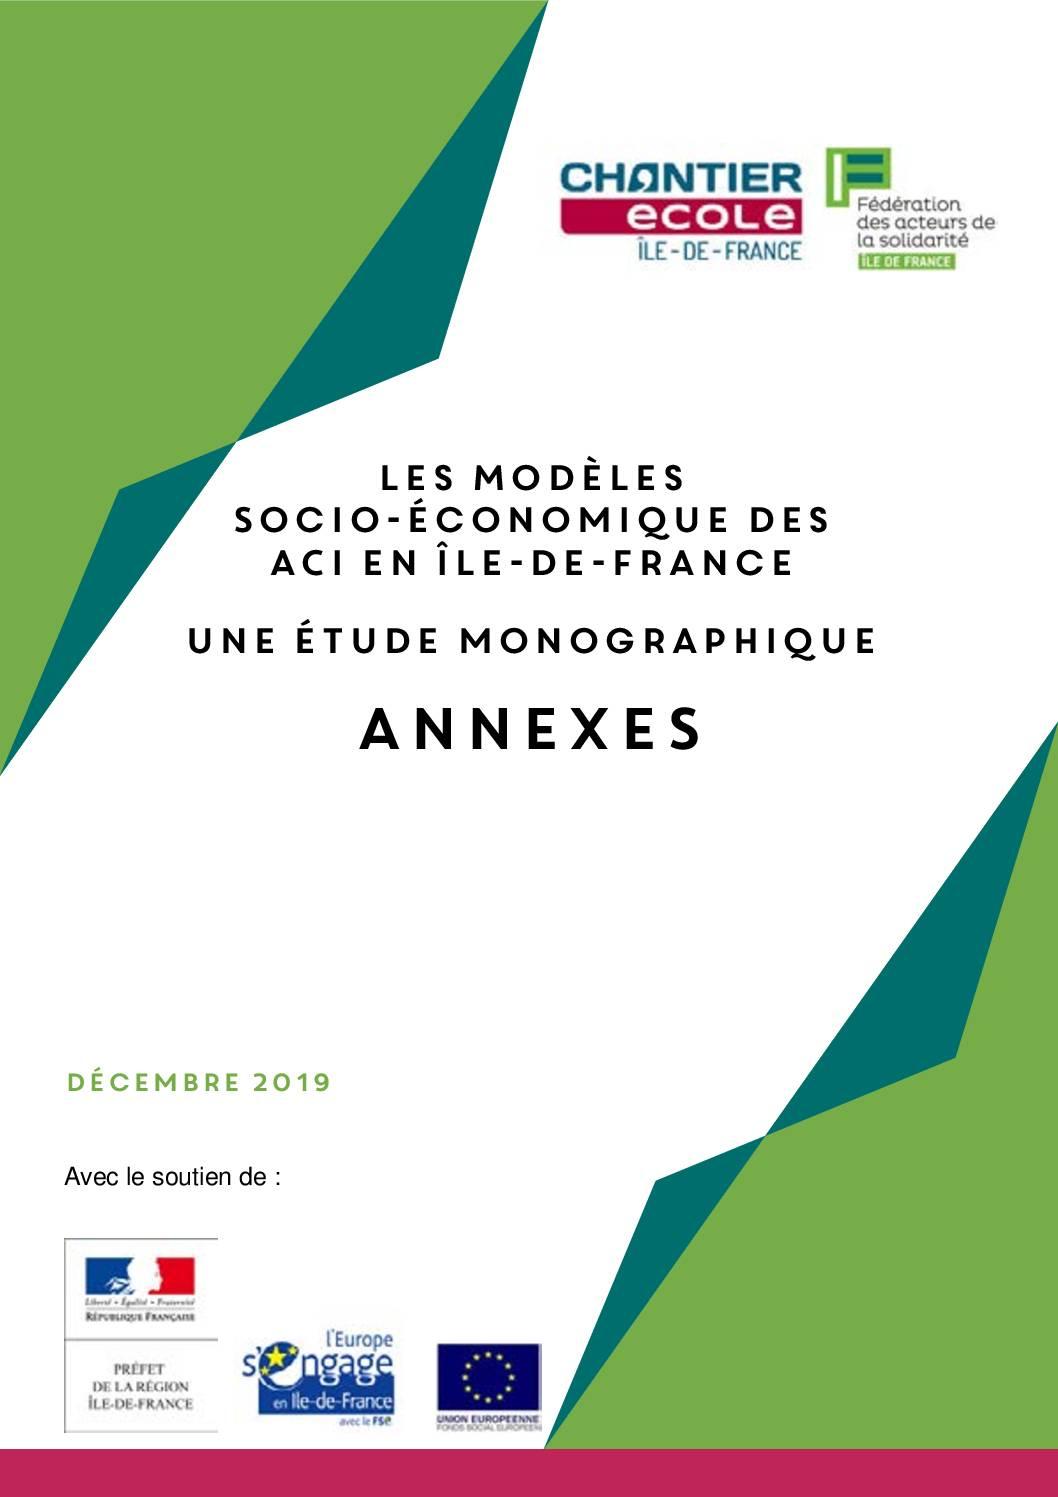 Les modèles économiques des Ateliers et Chantiers Insertion en IDF (Annexes et monographies)